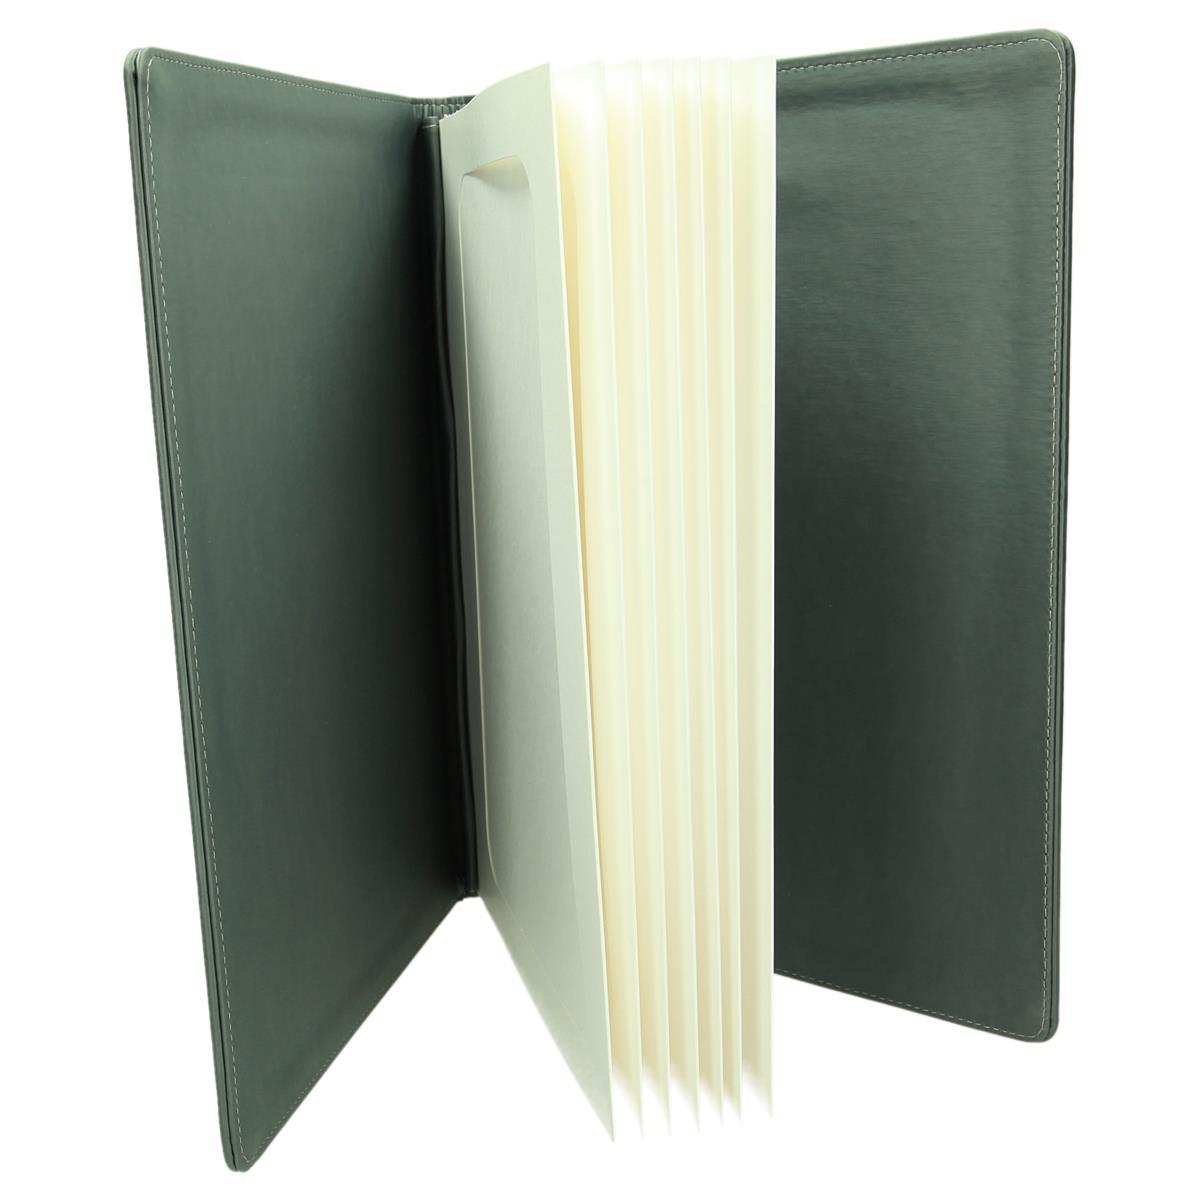 Szara okleina o strukturze tkaniny w delikatne prążki 0962_1 Okładki na karty menu